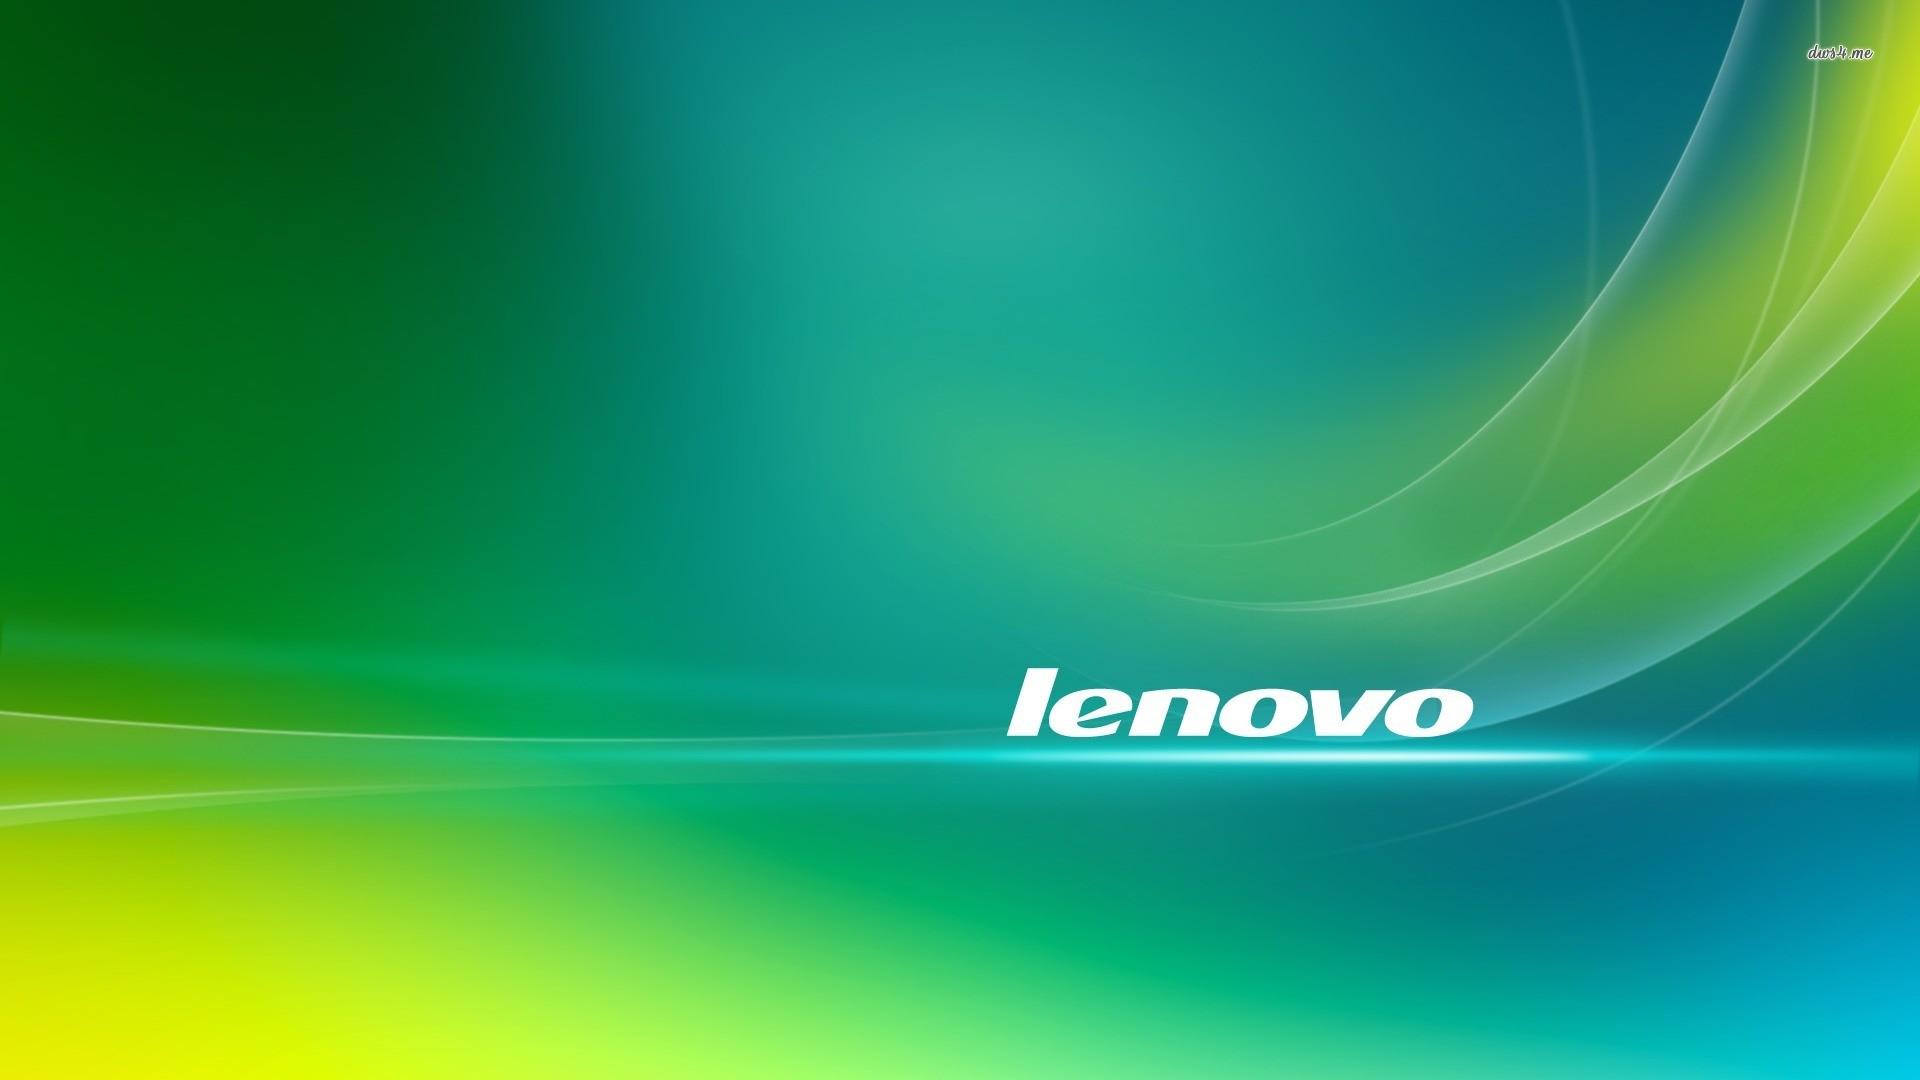 Ultra 4k Hd Lenovo Wallpaper 45 Images